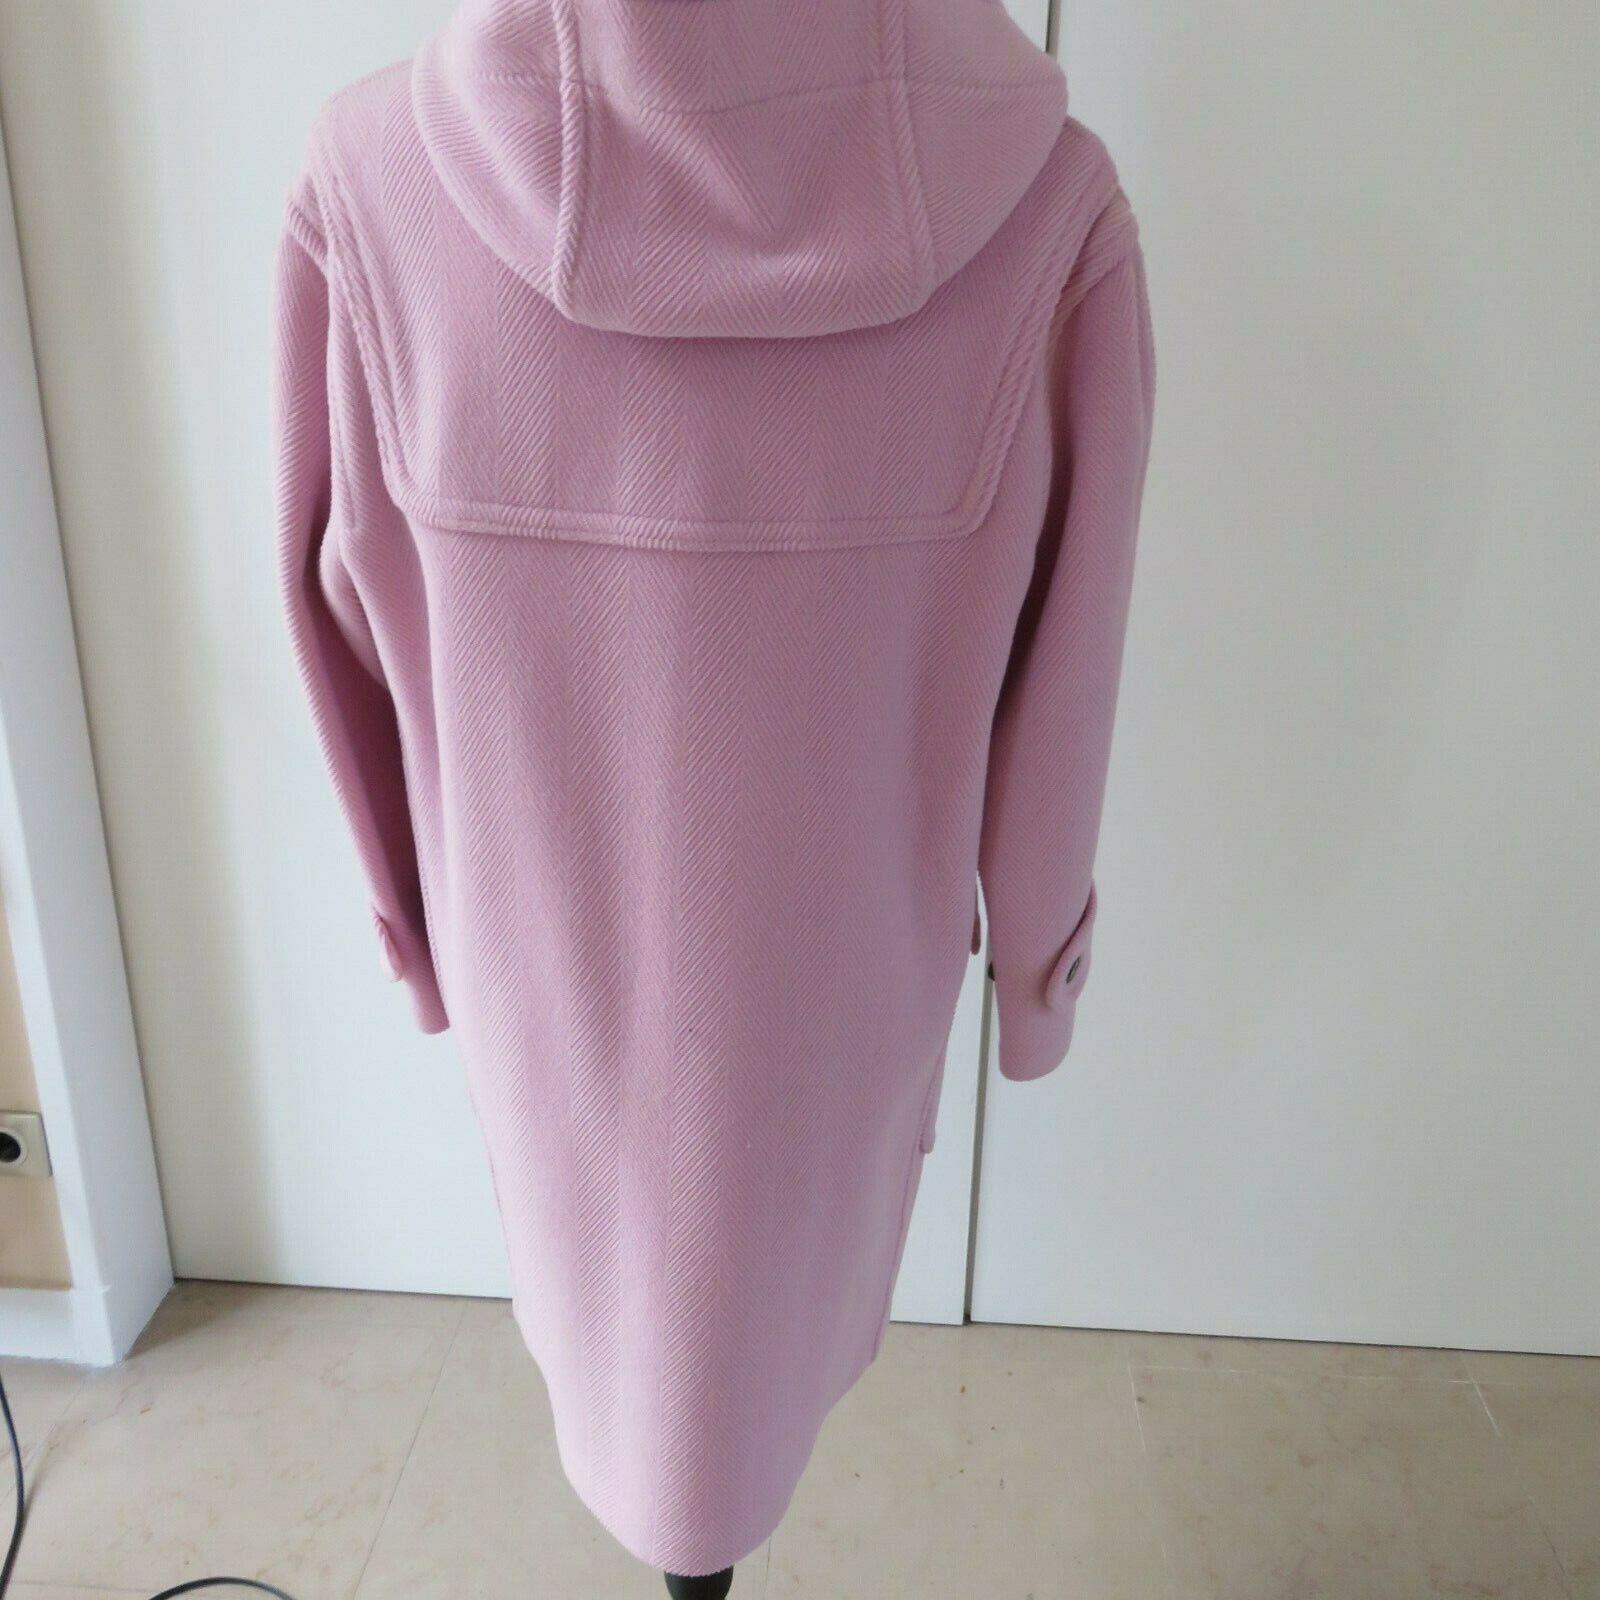 Magnifique duffle coat anglais cloverall rose t38 jamais porté